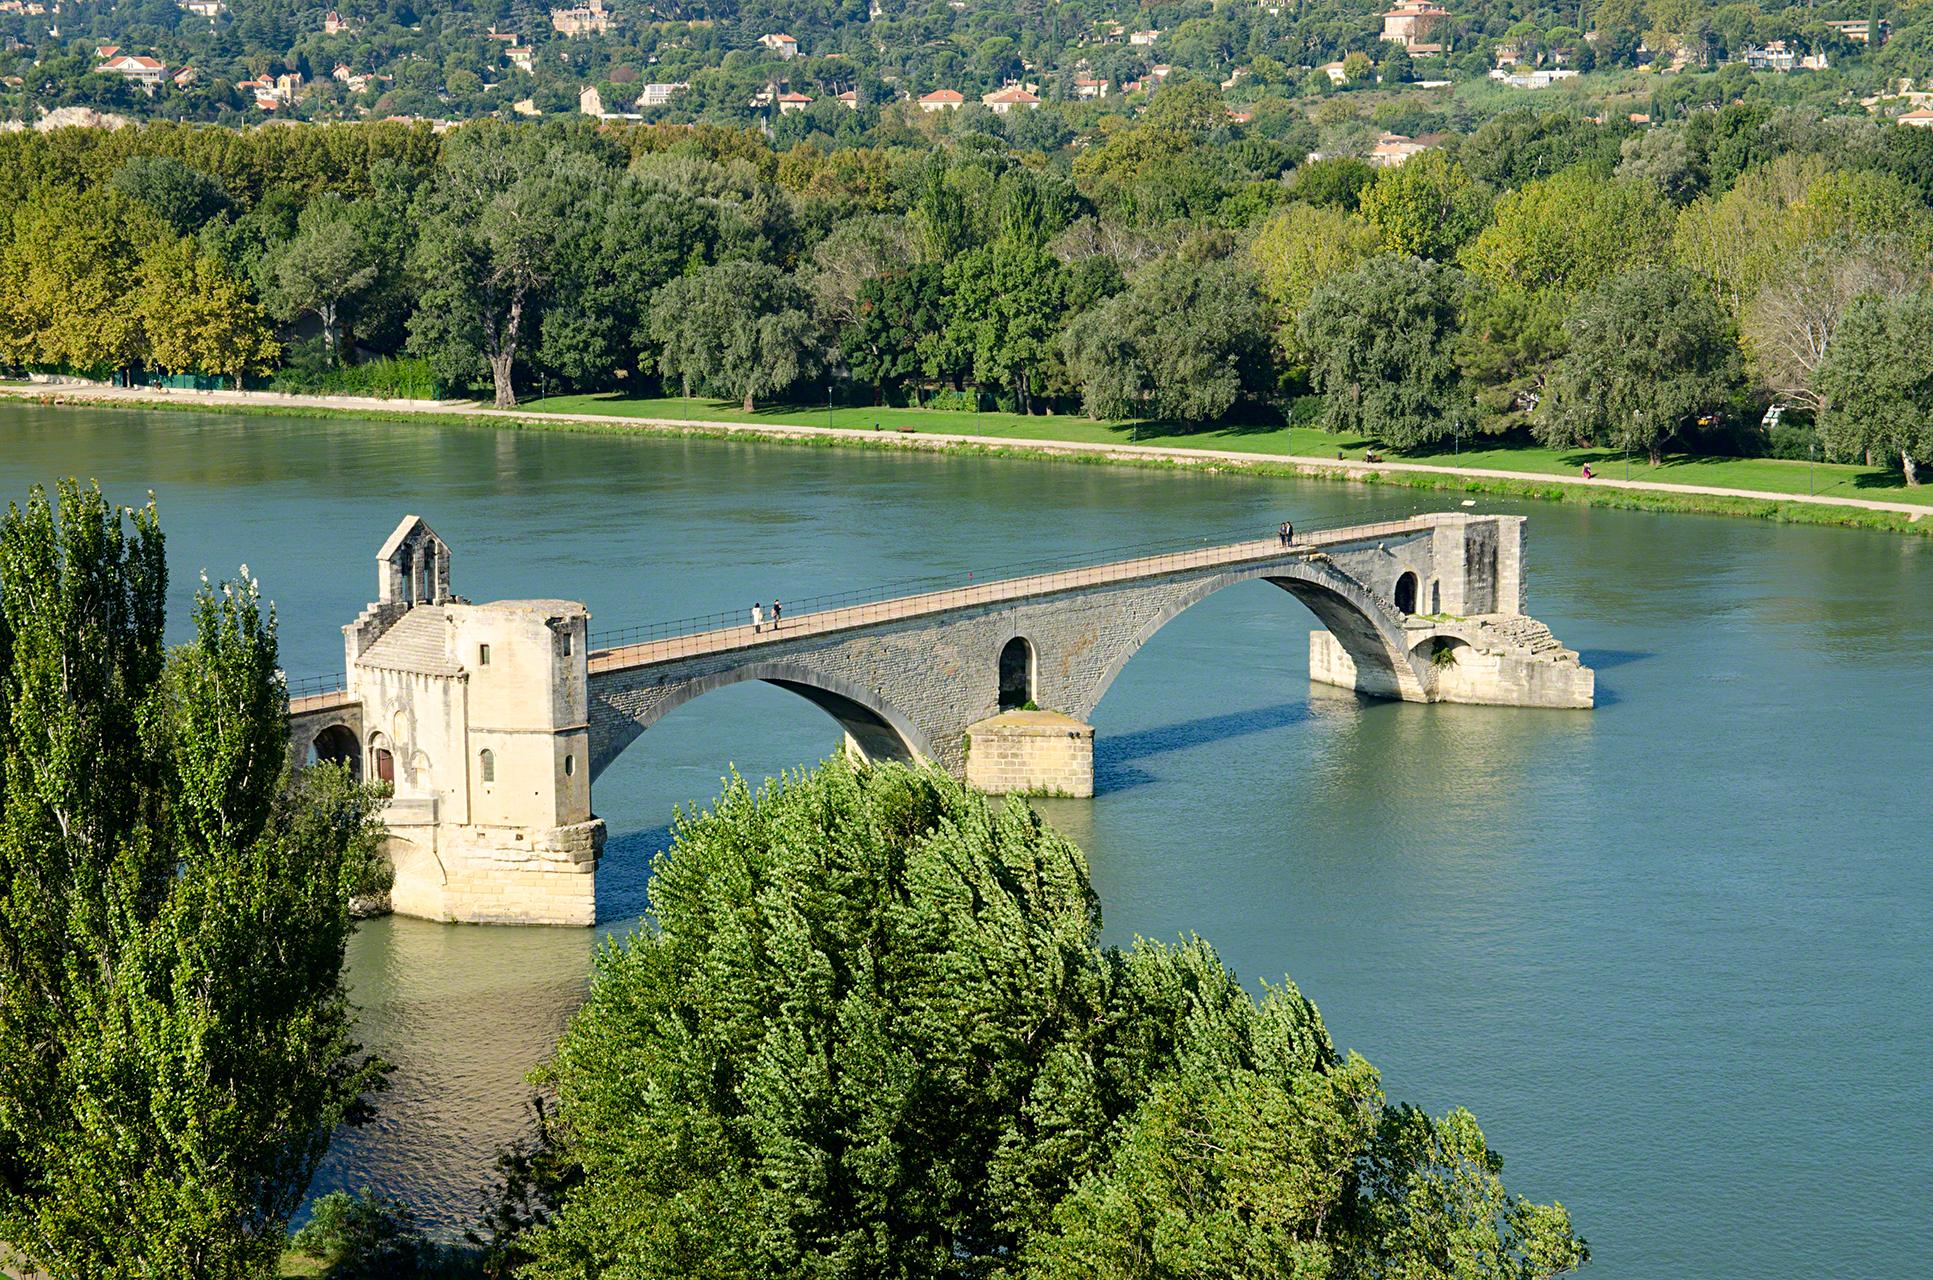 Pont Saint-Bénezet, avignon, france as seen from atop the palais des papes